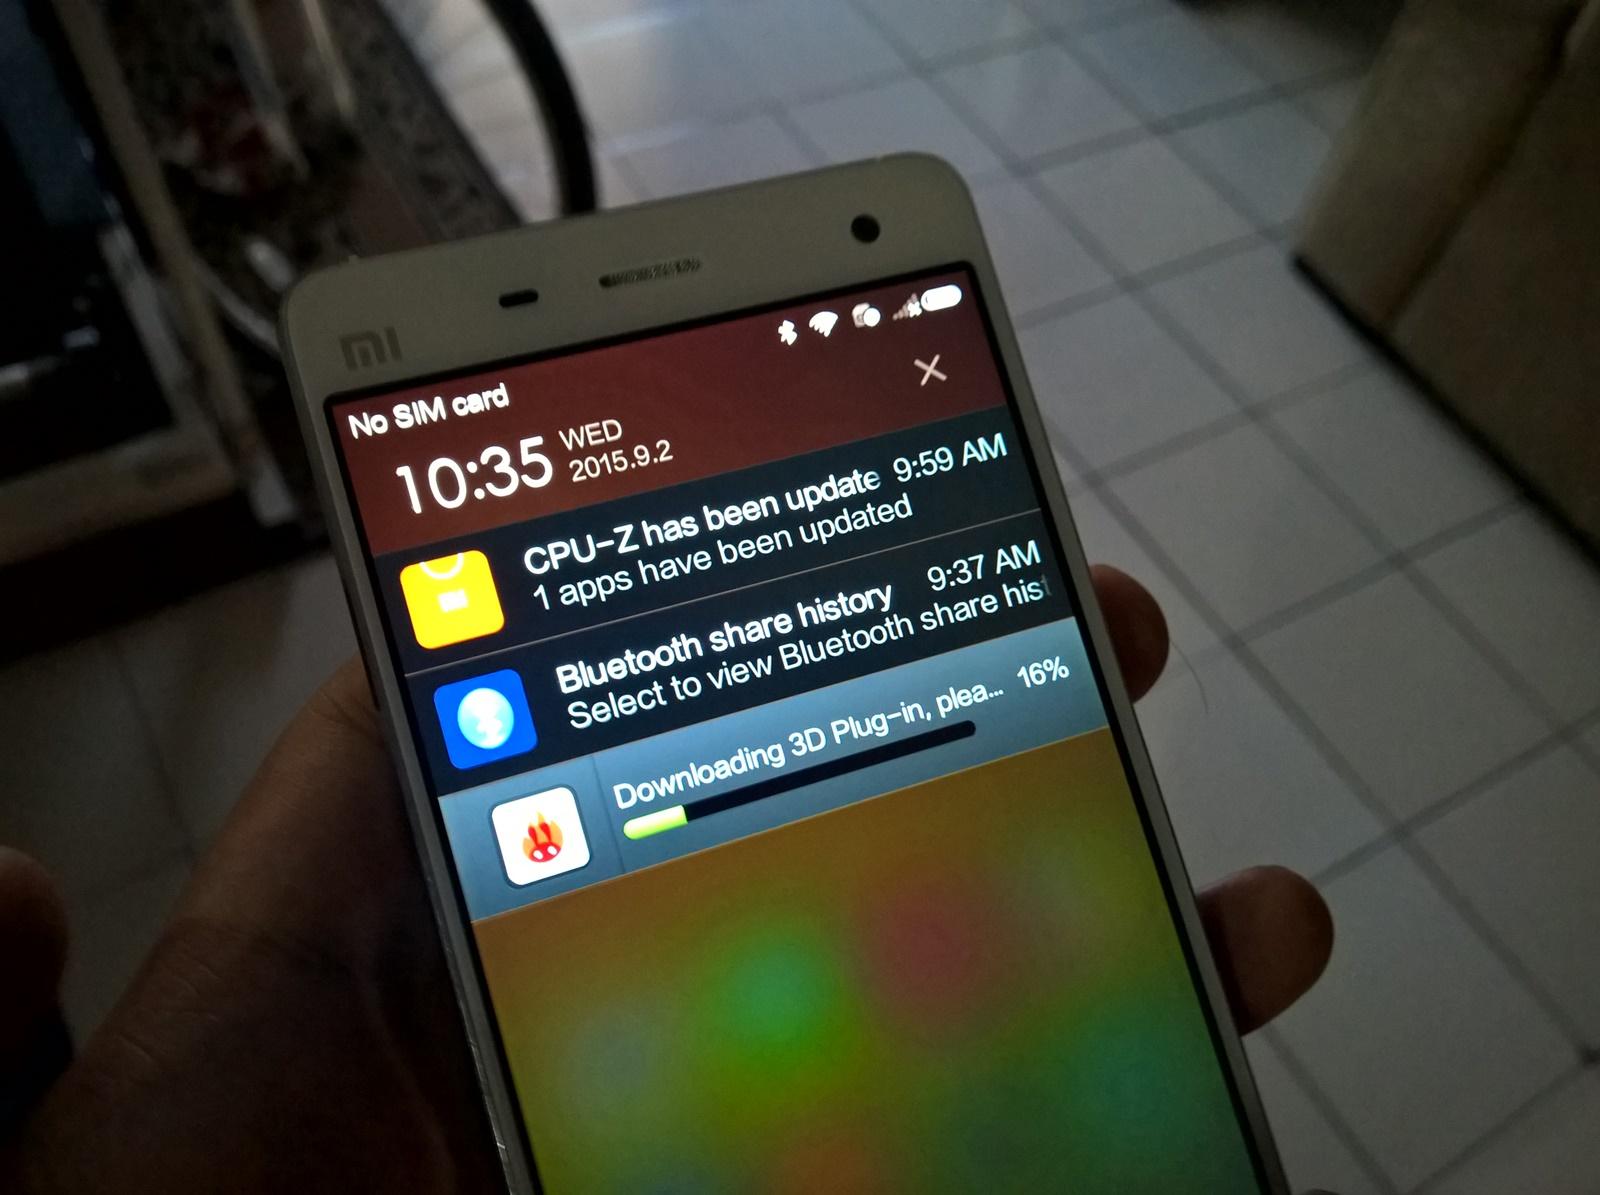 Pengalaman Membeli Xiaomi Replika Dan Tips Untuk Membedakan Dengan Mi4c Mi 4c 2 16 Garansi 1 Tahun Mau Ngetes Pakai Download 3d Plug In Lama Banget Sebelumnya Reset Bisa